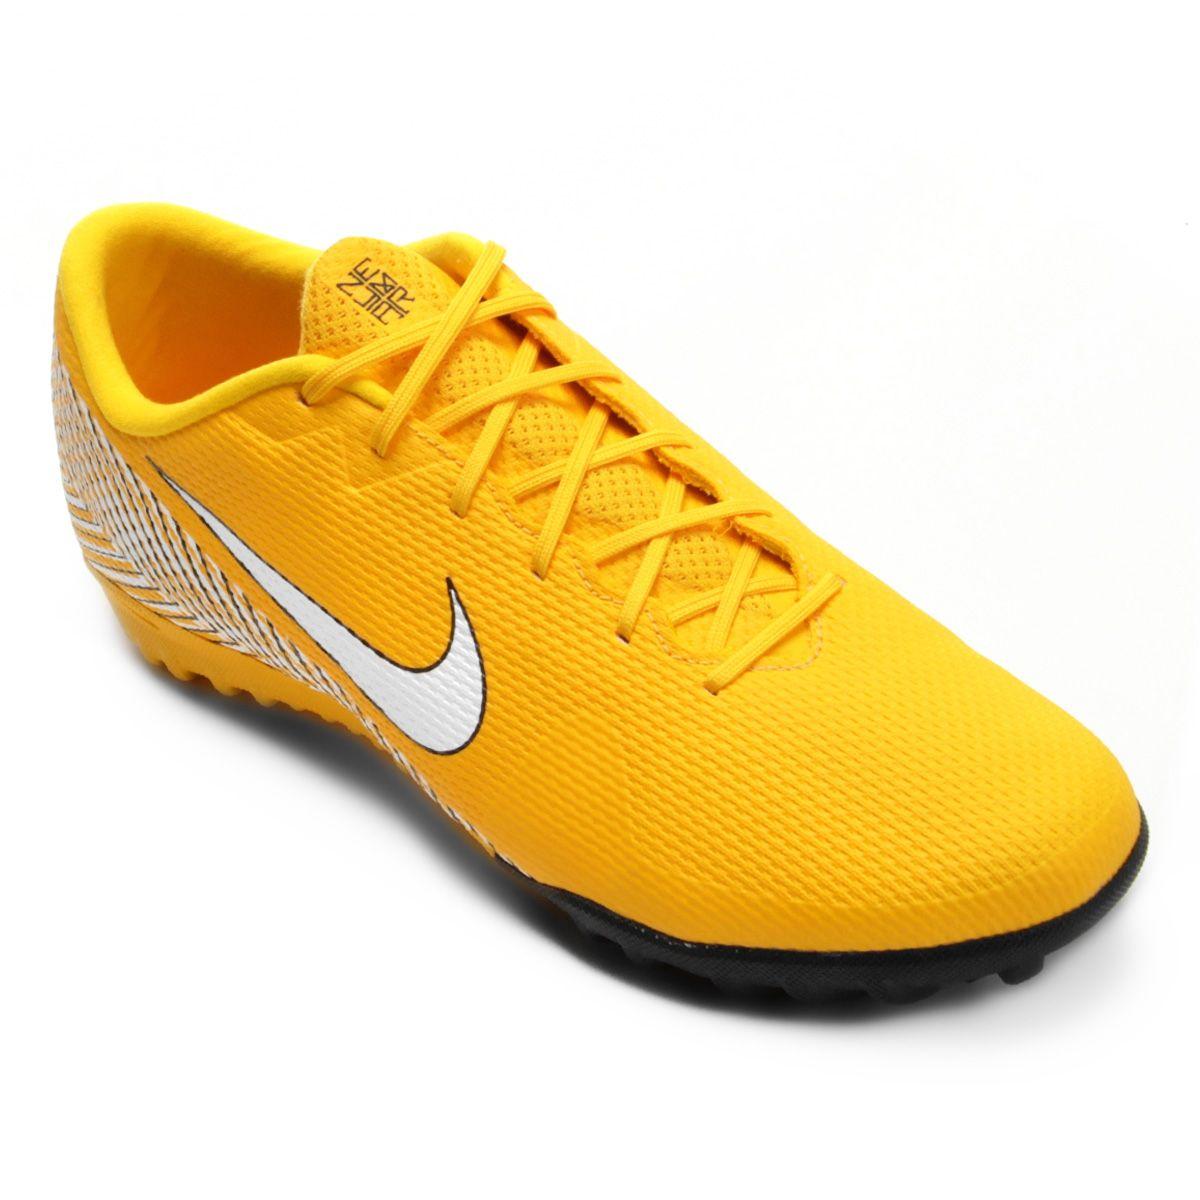 a784ecc95c543 Chuteira Society Nike Mercurial Vapor 12 Academy Neymar TF Masculina - Compre  Agora